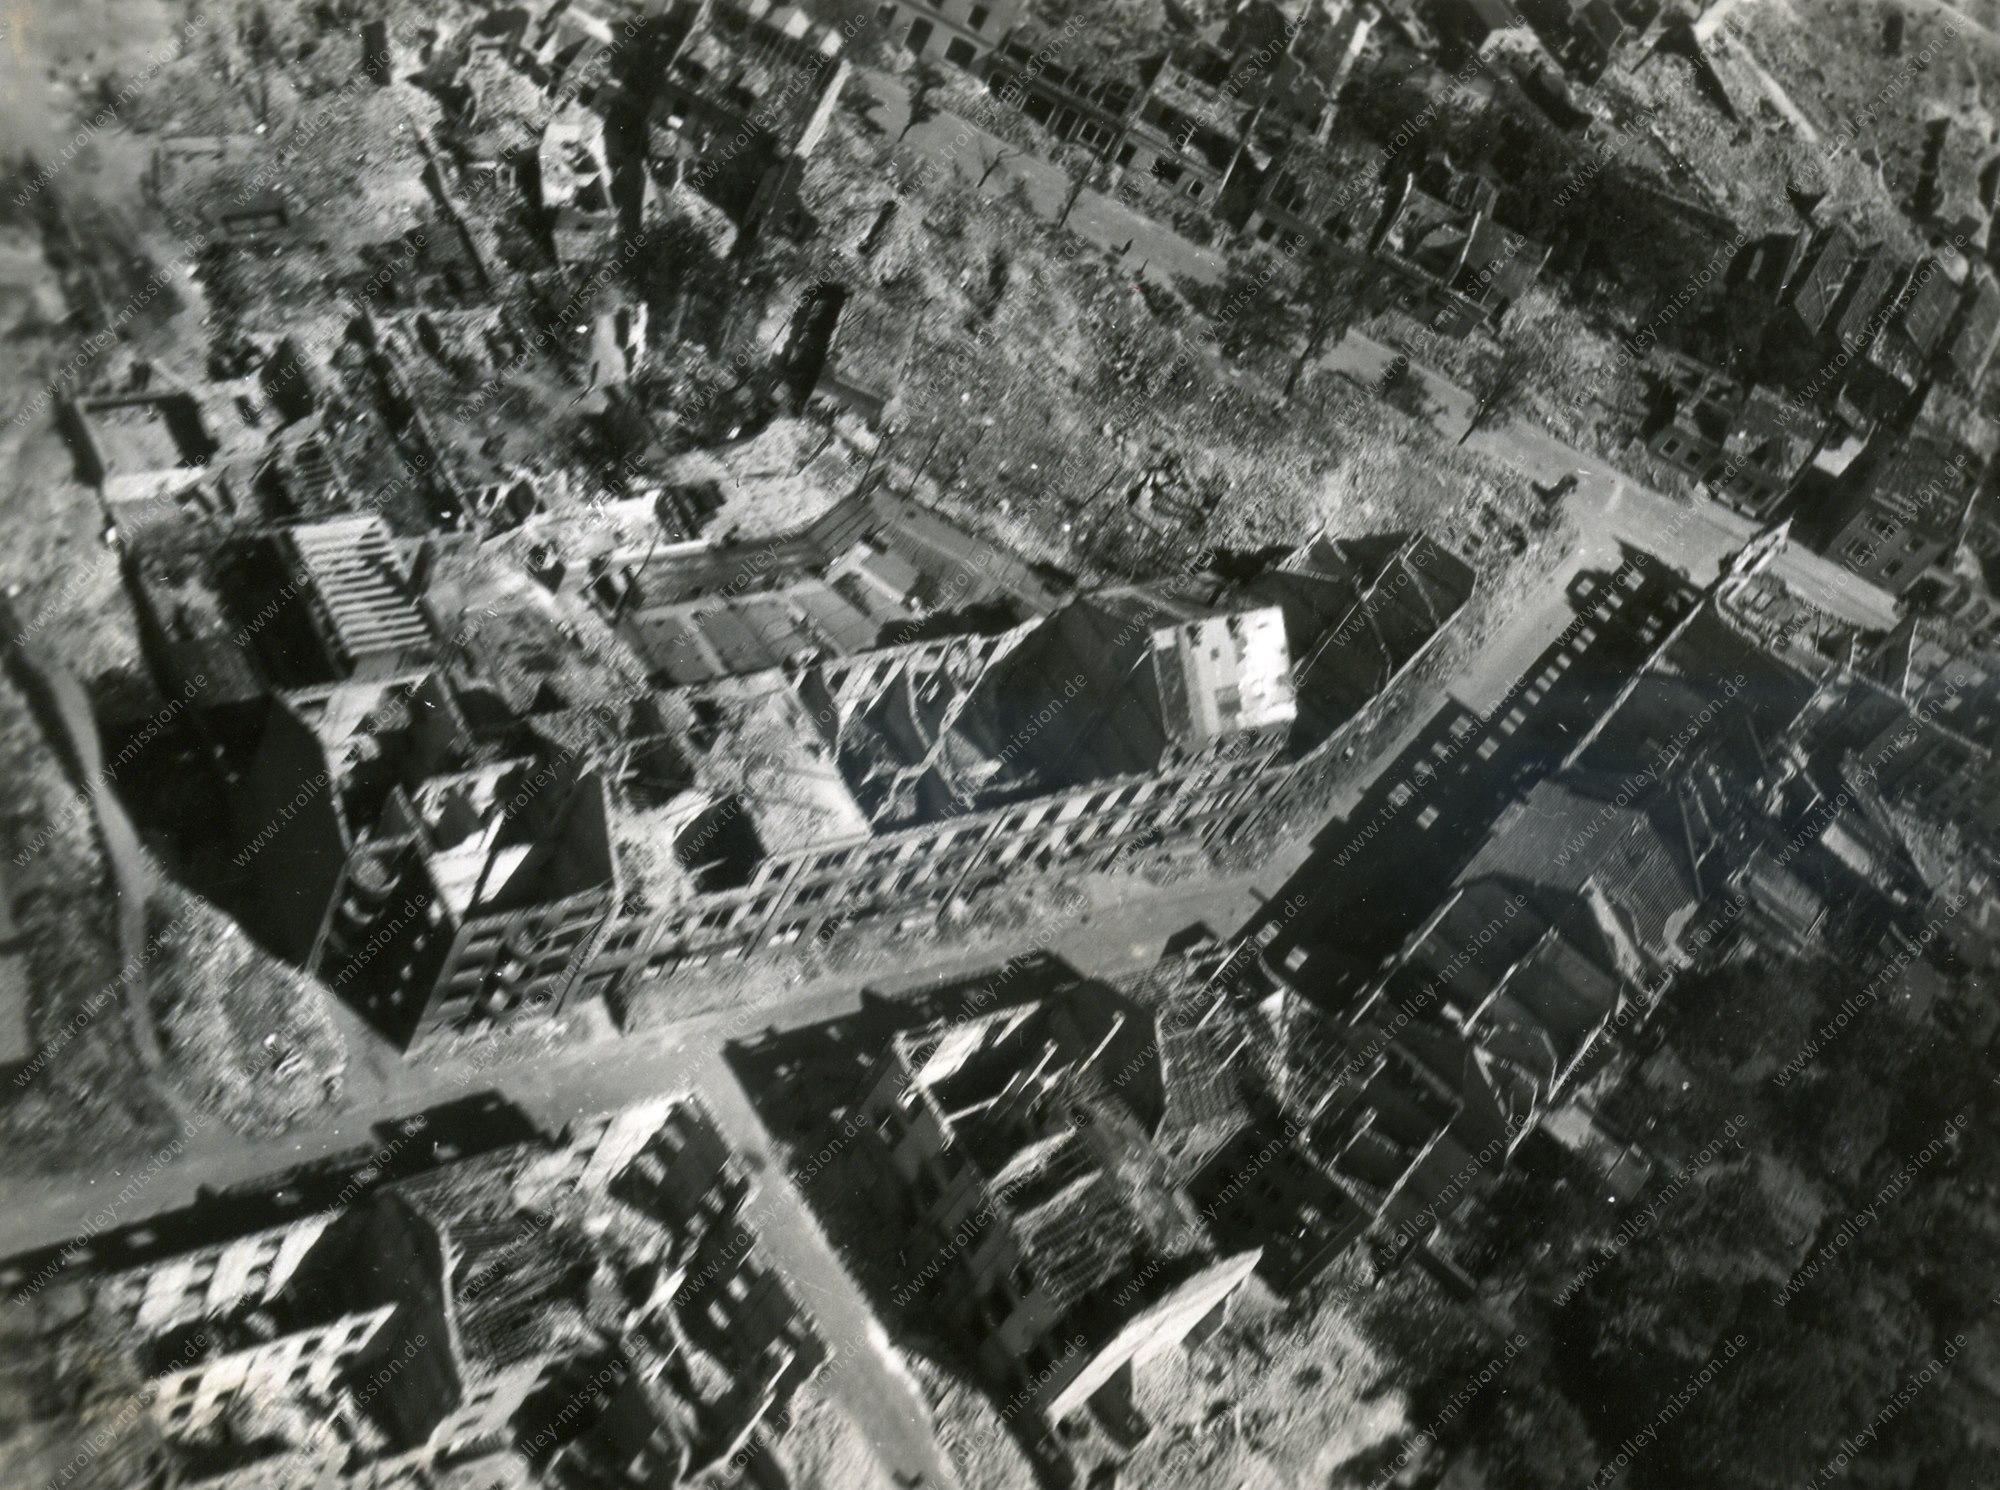 Mannheim im Zweiten Weltkrieg: Luftbild der von Fliegerbomben zerstörten Häuser entlang der Mönchwörthstraße im Stadtteil Neckarau